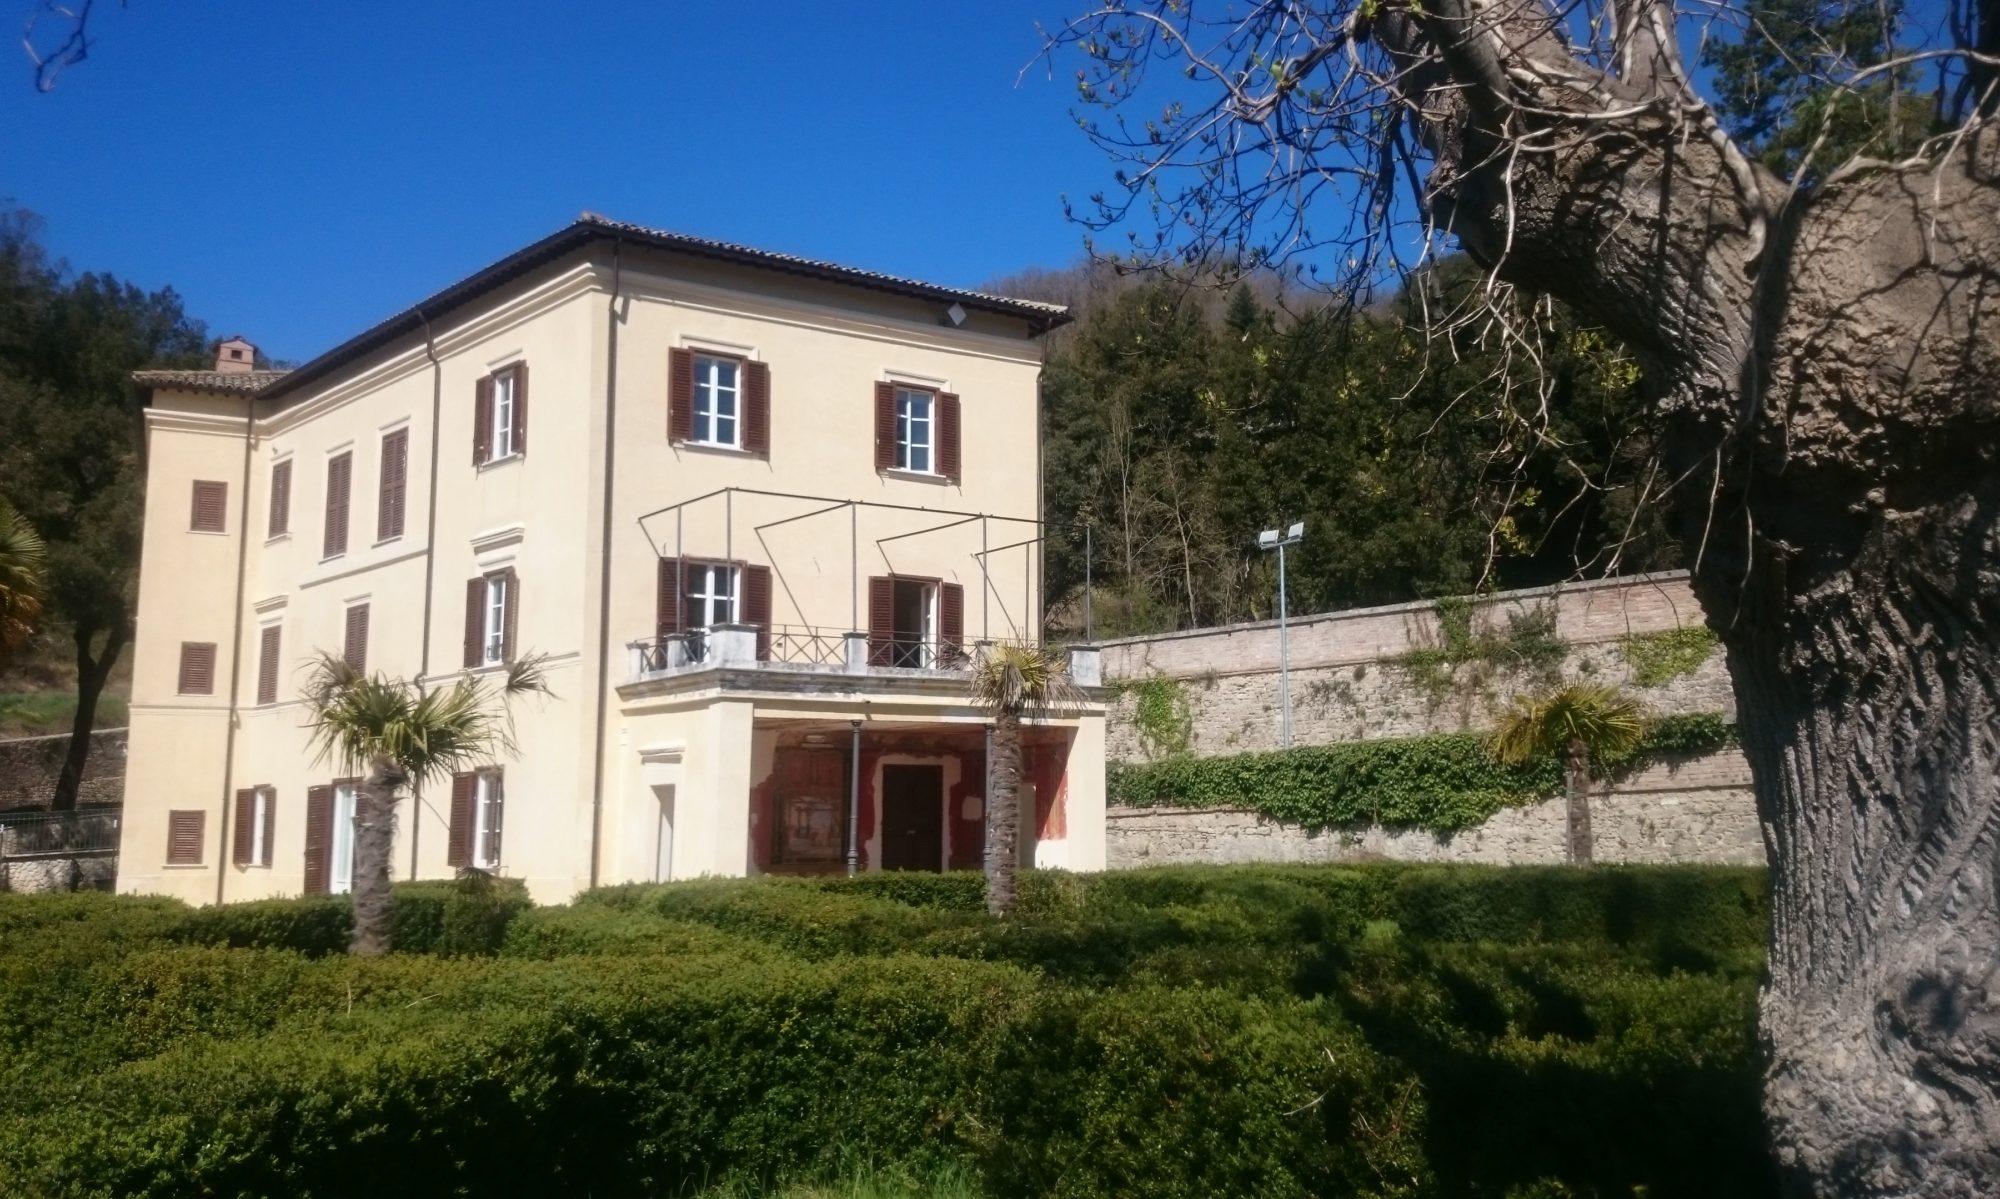 Parco della musica villa battistini